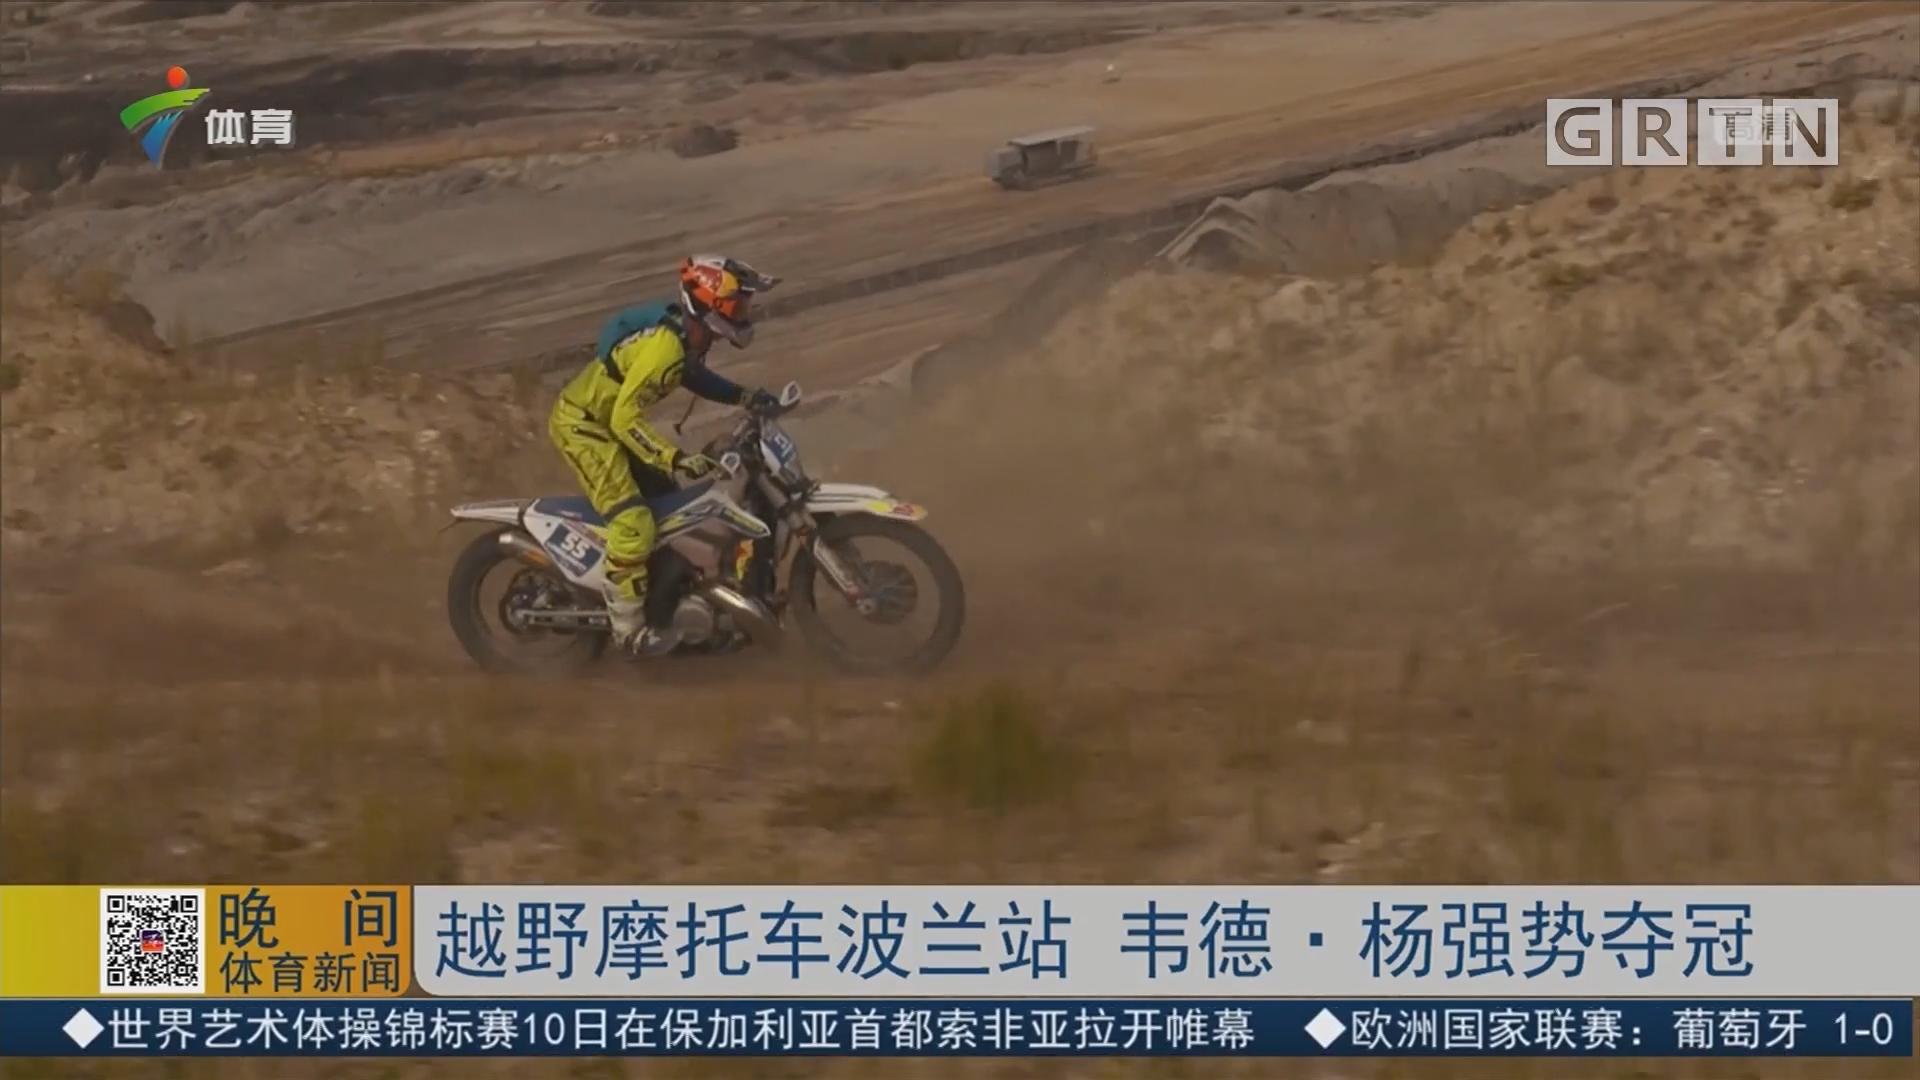 越野摩托车波兰站 韦德·杨强势夺冠